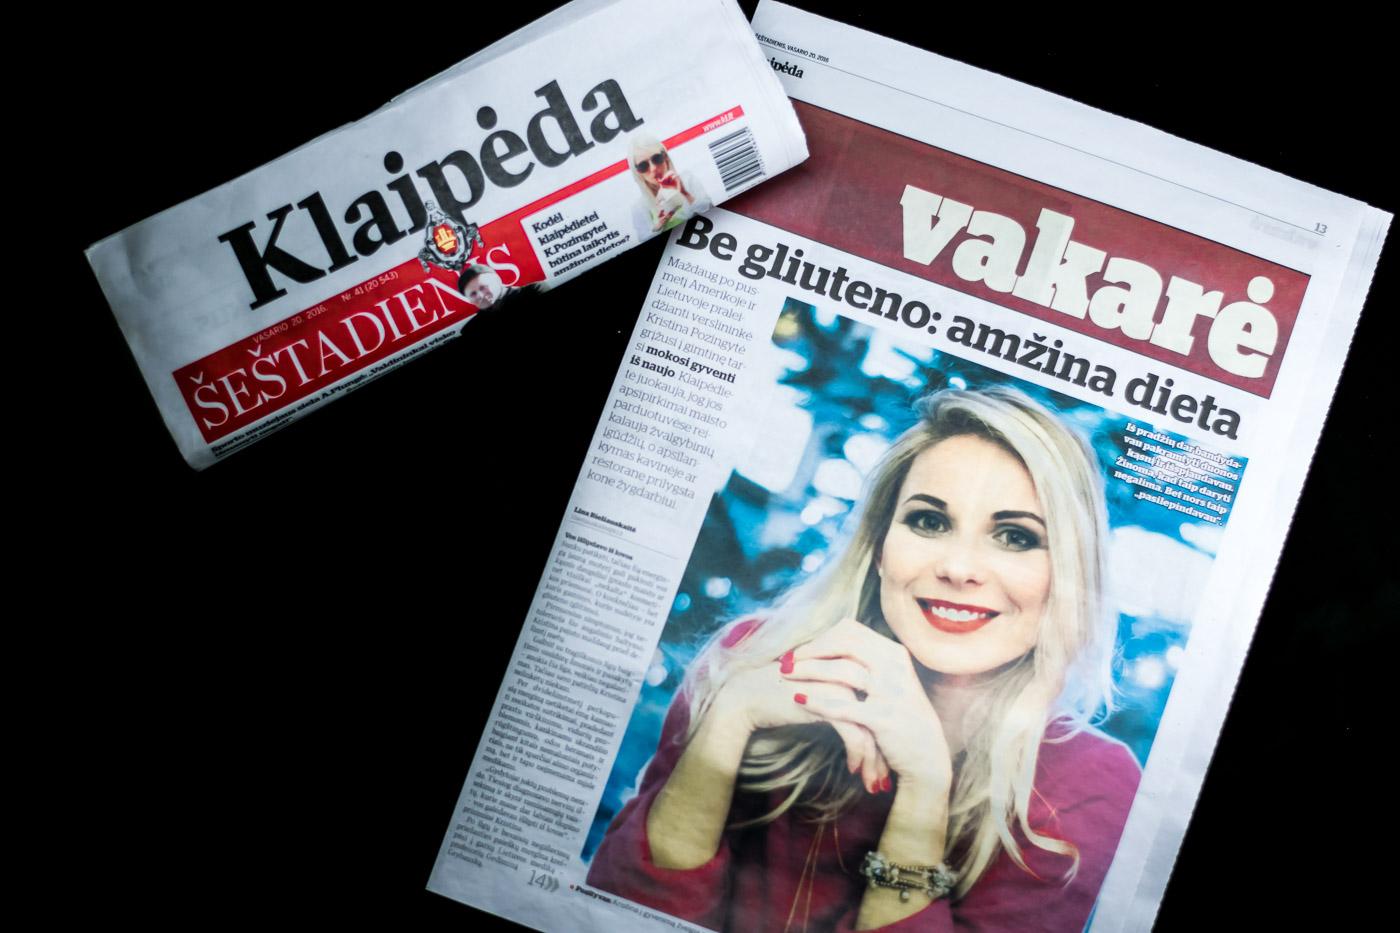 Dienrastis Klaipeda be gliuteno Kristina Poingyte.jpg